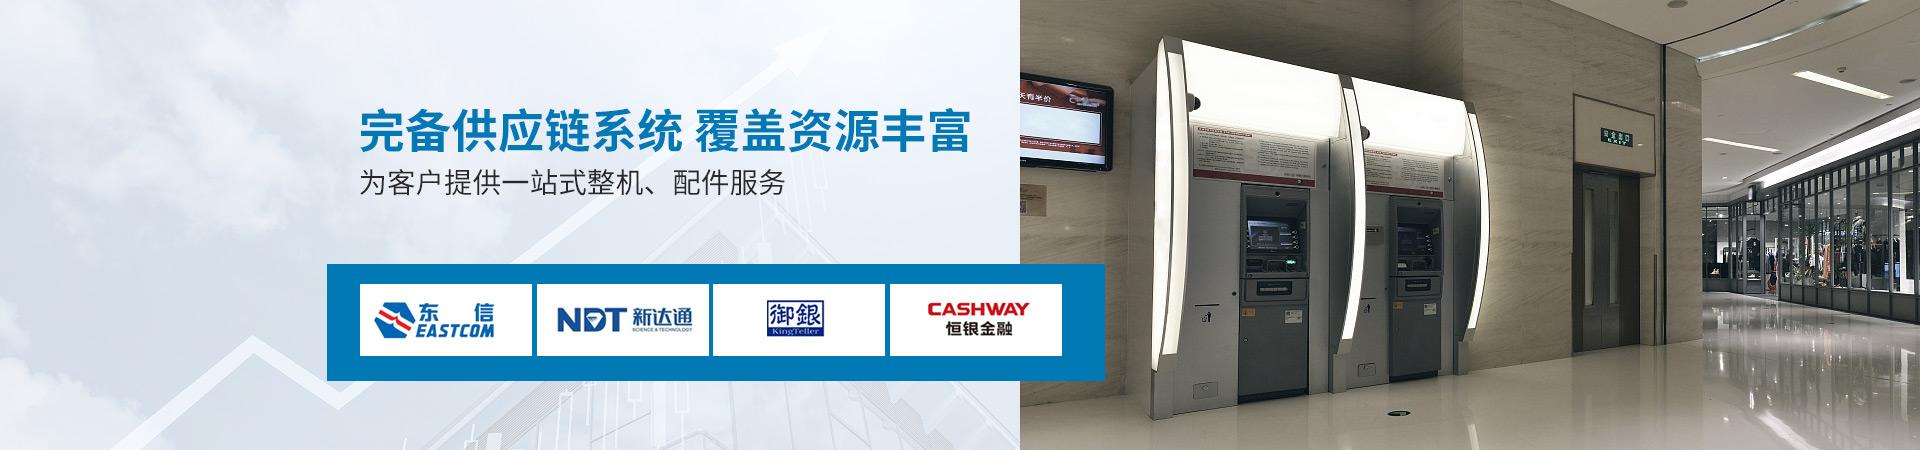 华融凯完备供应链系统覆盖资源丰富